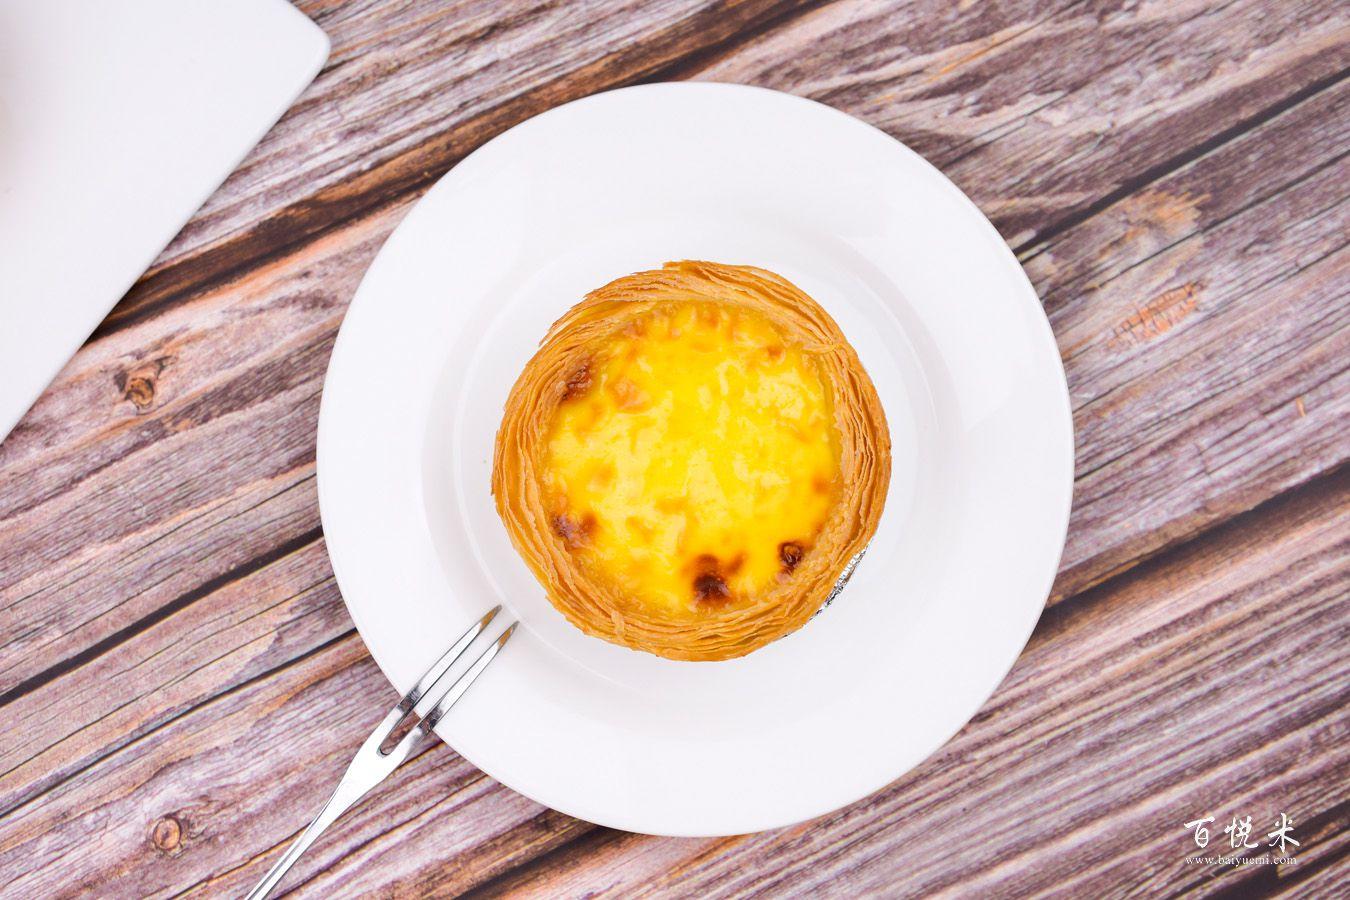 葡式蛋挞的做法大全,葡式蛋挞西点培训做法步骤图解